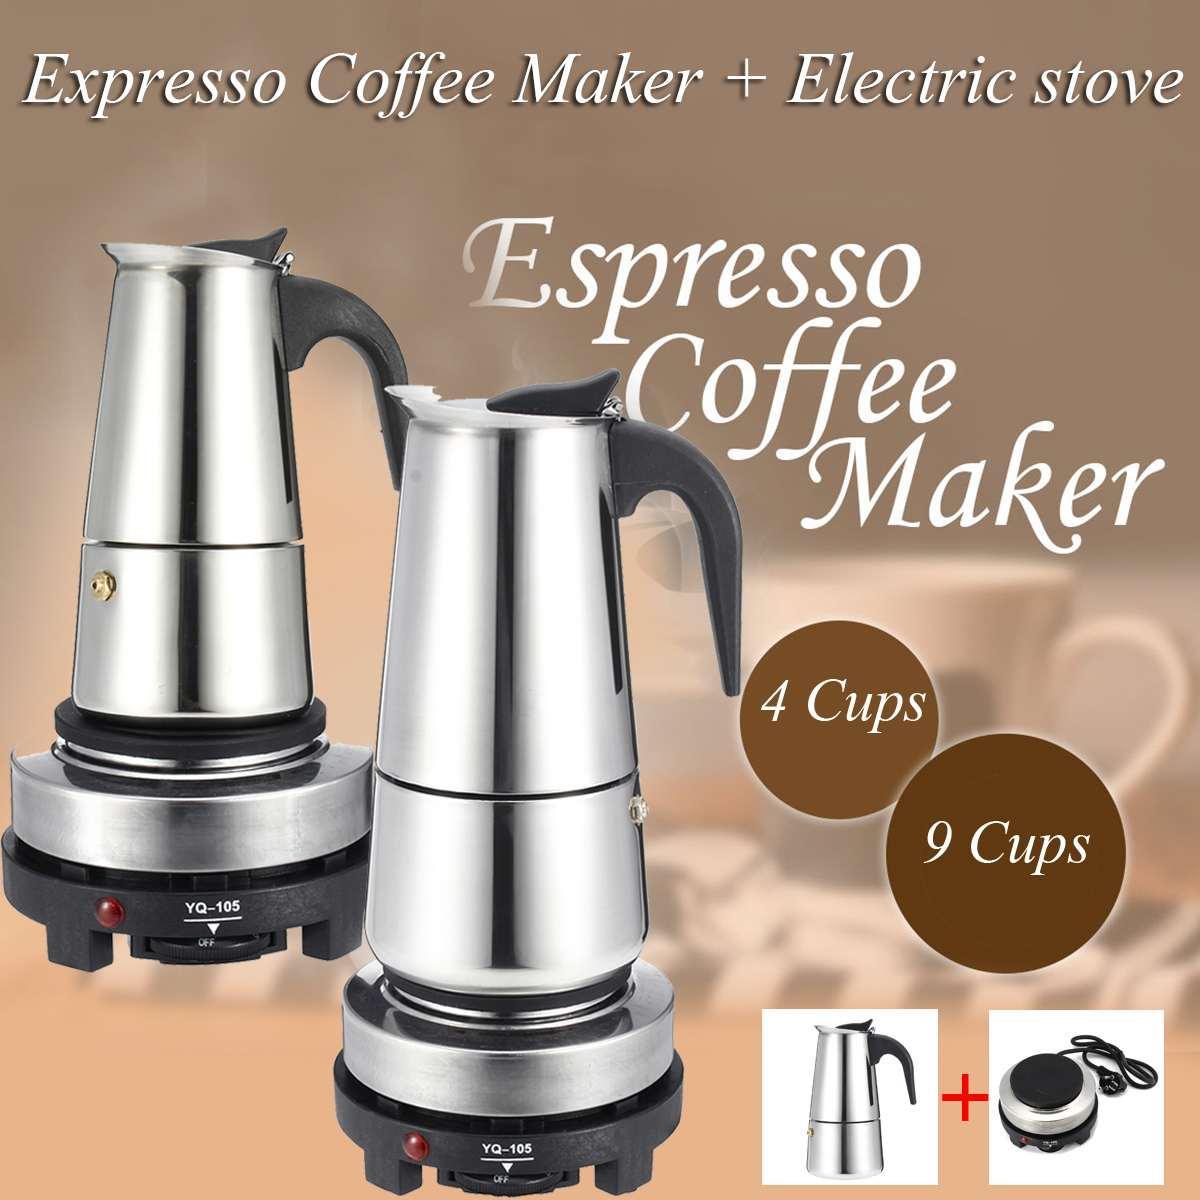 Cafetera de aluminio elegante Espresso Cafetera De Filtro Hervidor Taza Taza Pote Cafetiere